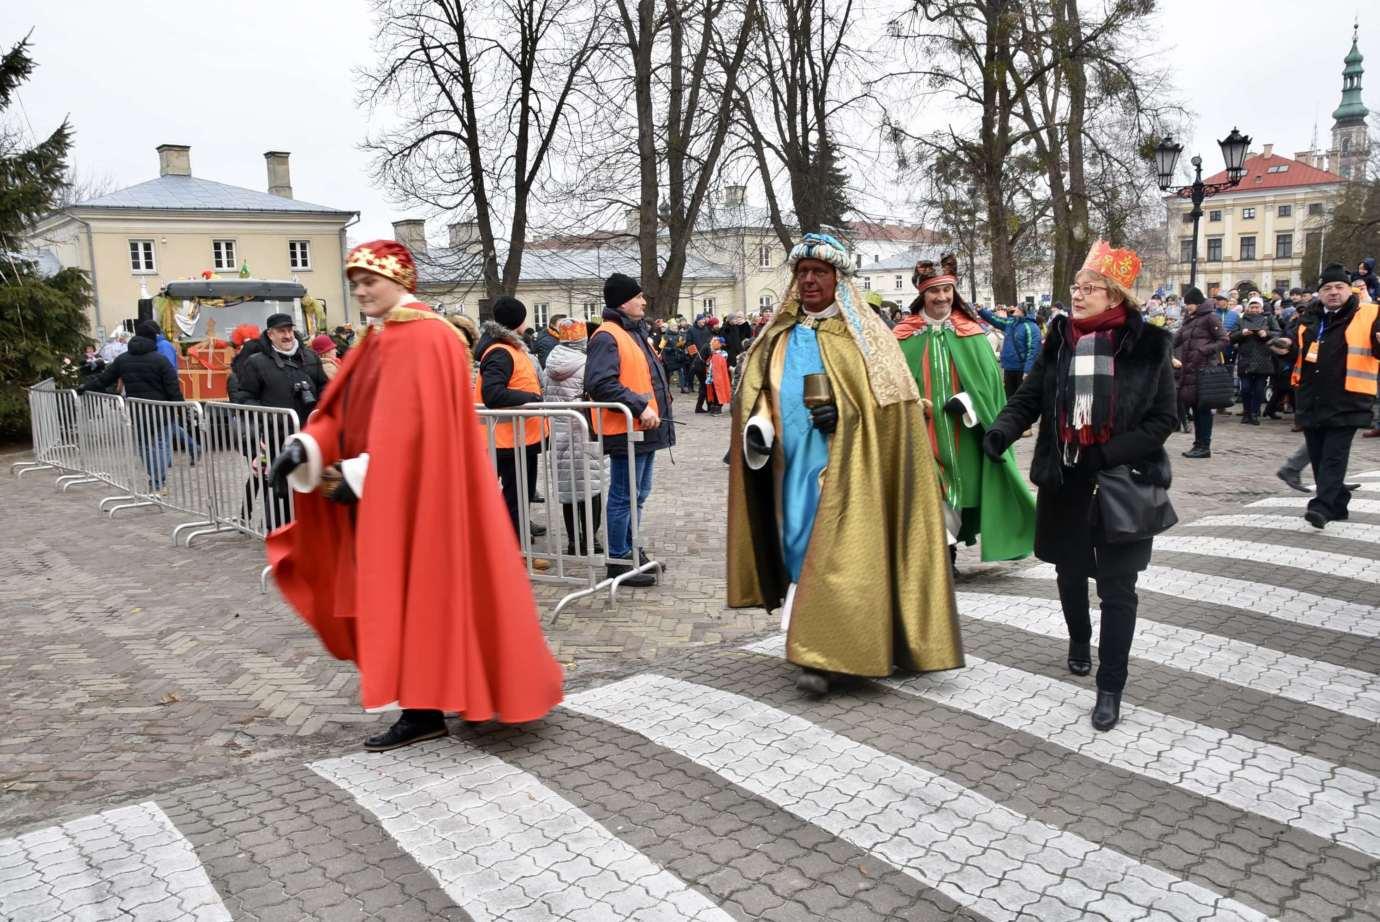 dsc 2454 Rekordowy VI Orszak Trzech Króli w Zamościu -